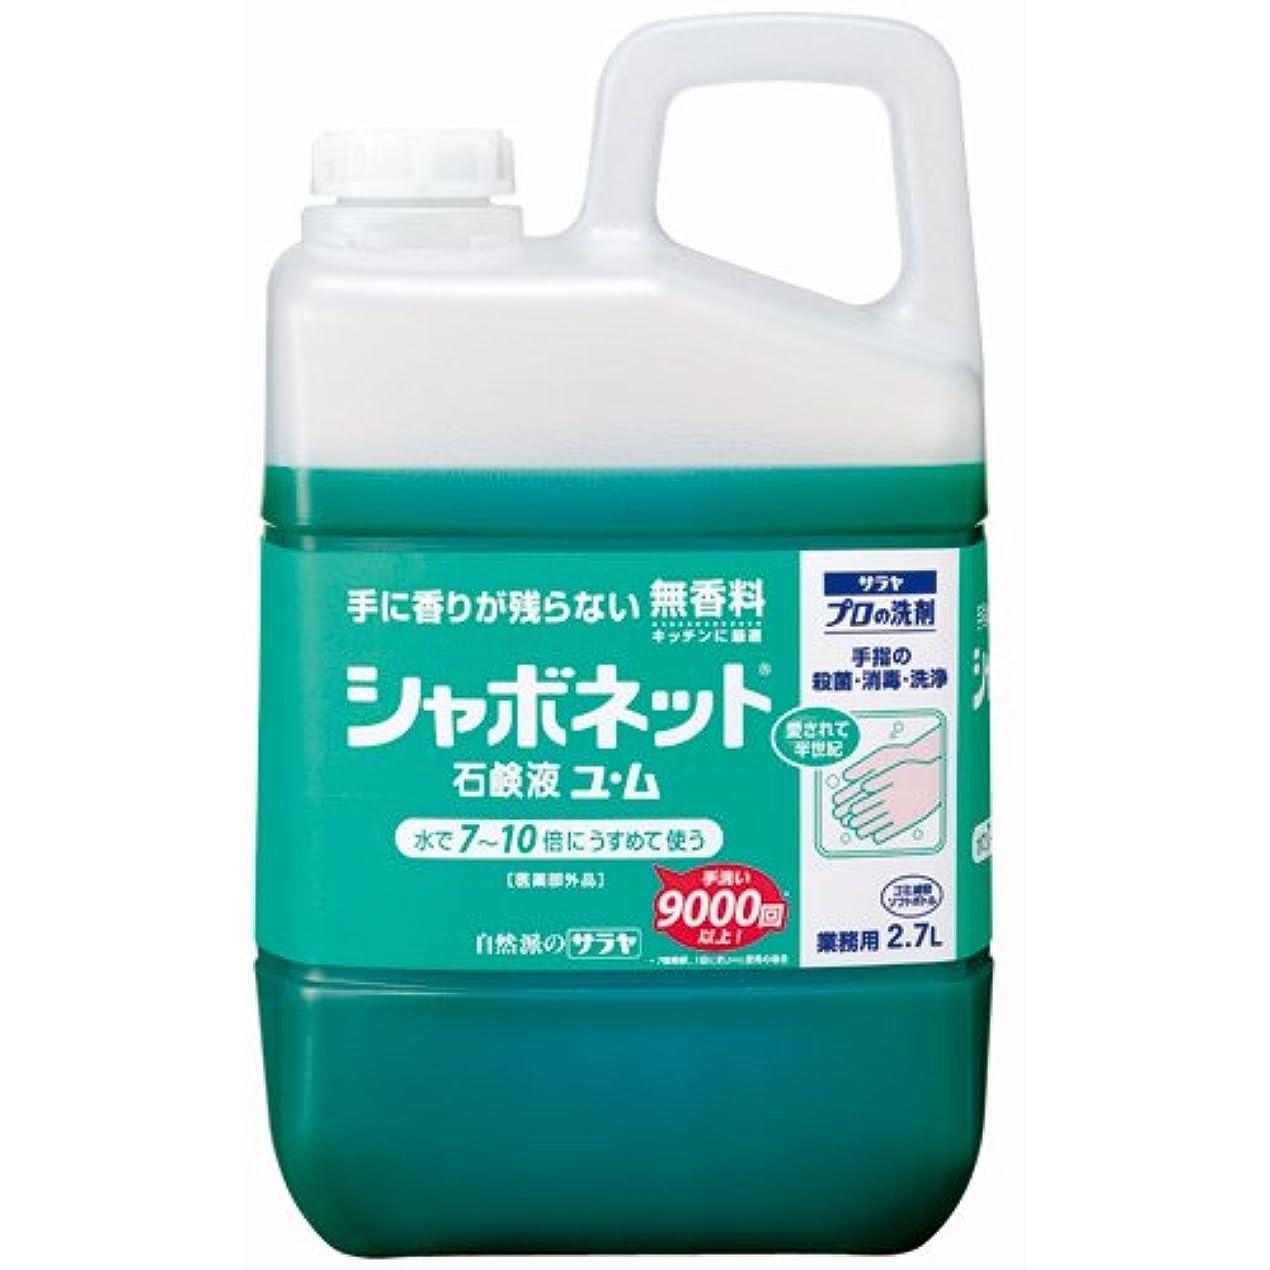 連鎖消去教えるサラヤ シャボネット石鹸液 ユ?ム 無香料 業務用 2.7L